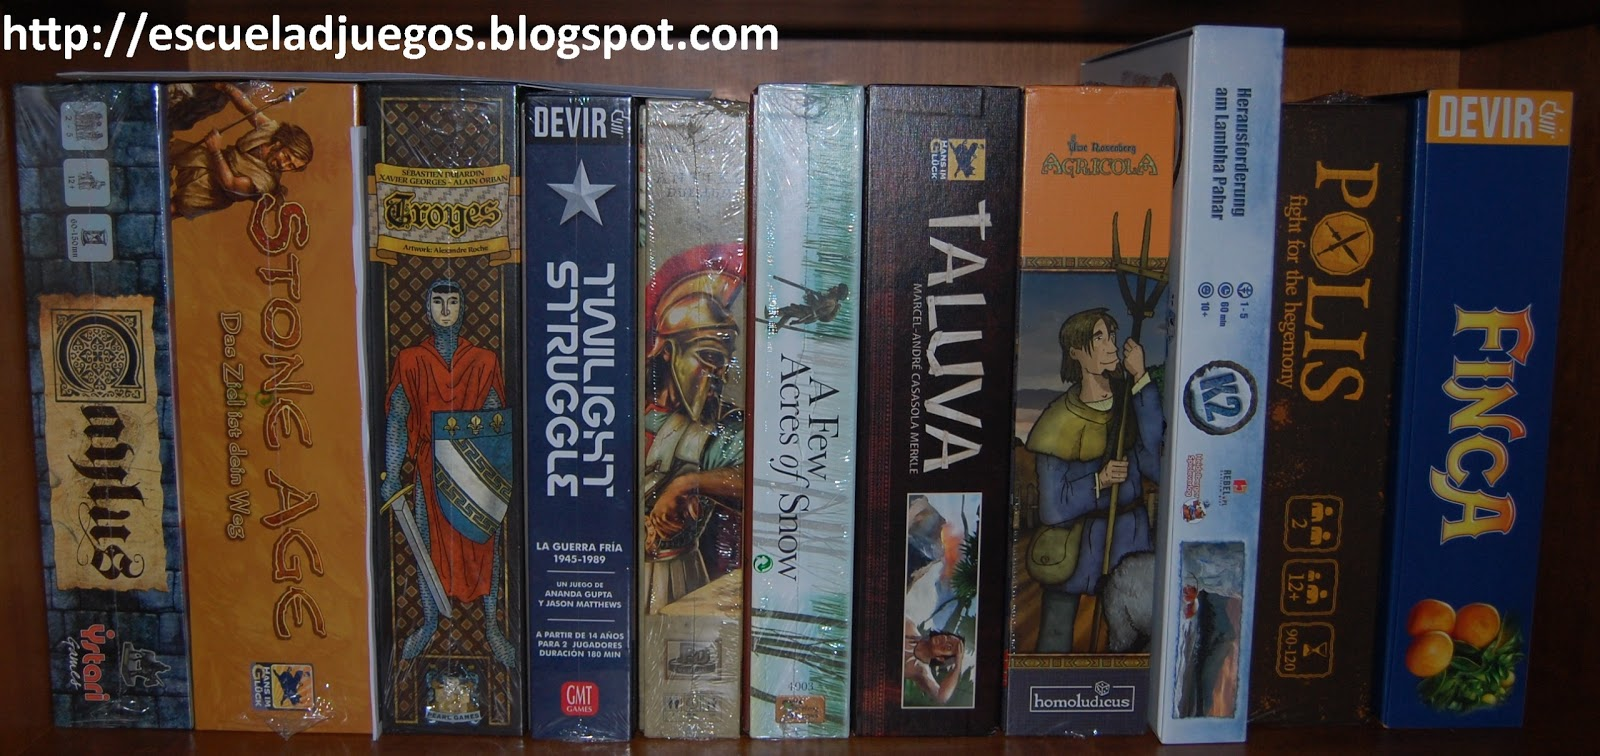 Eurogames, Wargames, Fillers, Temáticos, Abstractos ... juegos de todo tipo